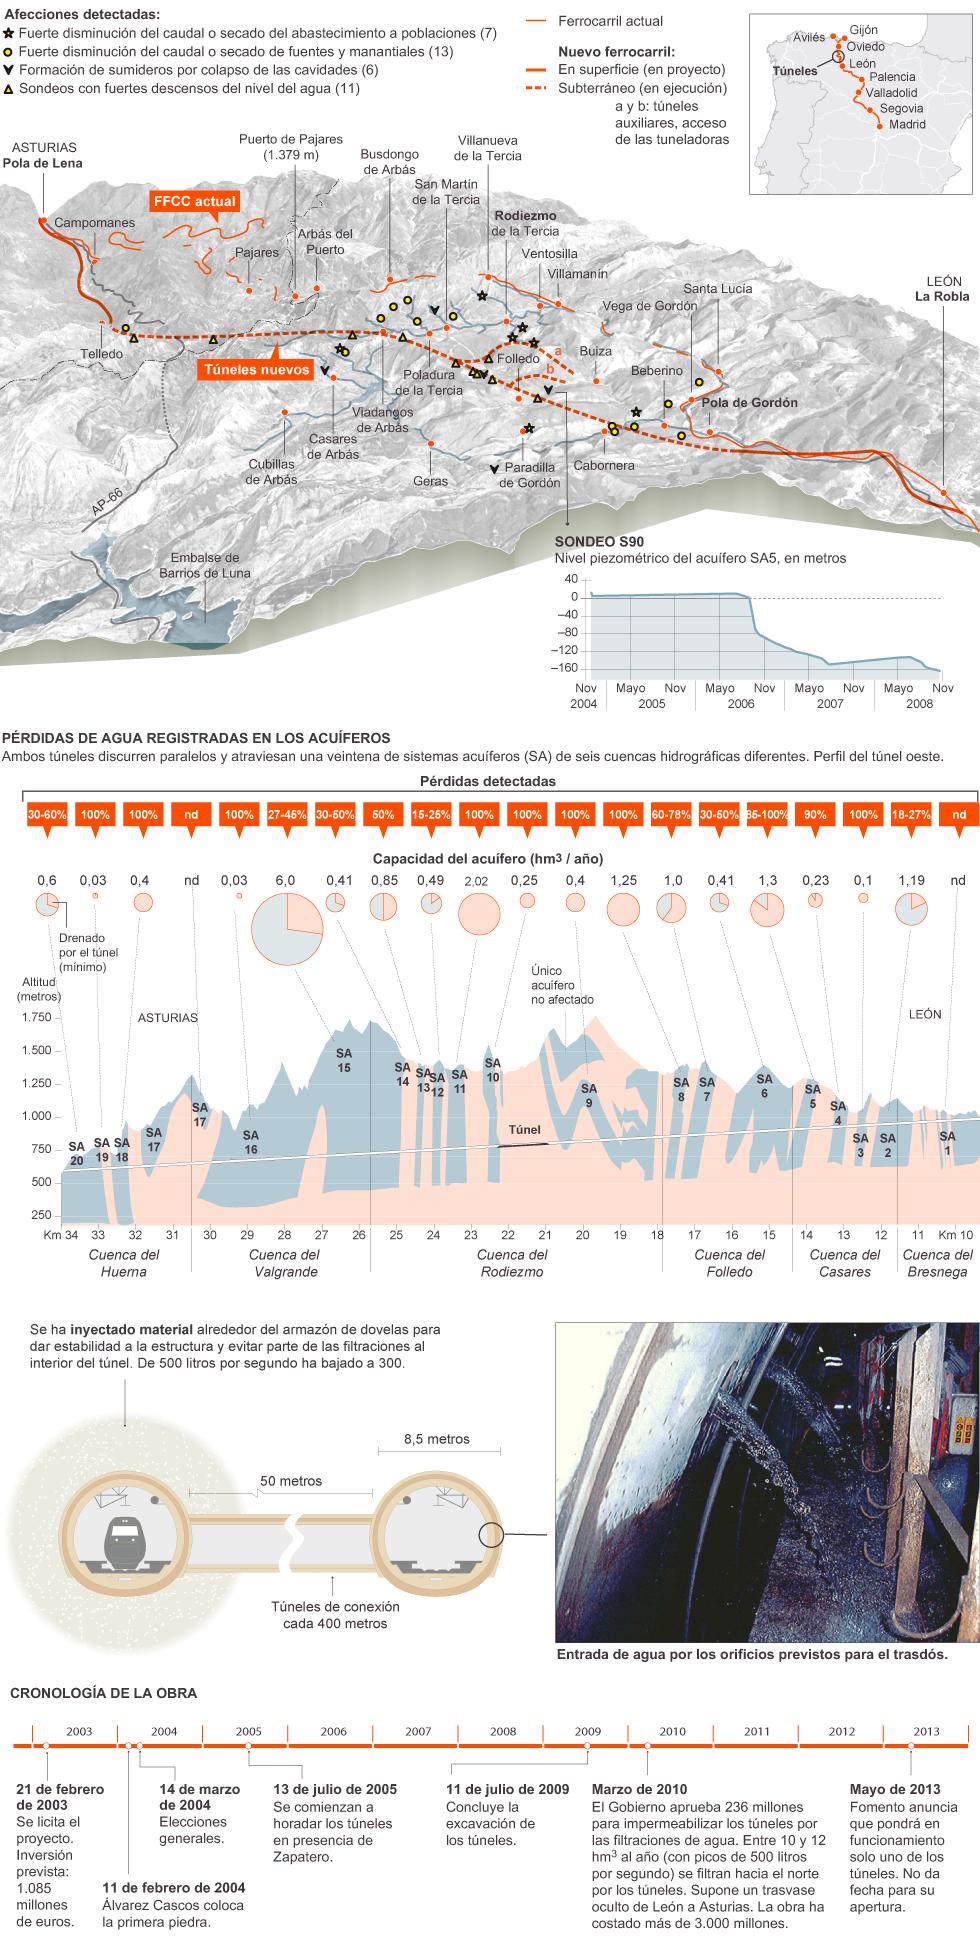 Transportes: Ferrocarril en España, alta velocidad, convencional. - Página 3 1370543141_406850_1370629920_noticia_normal